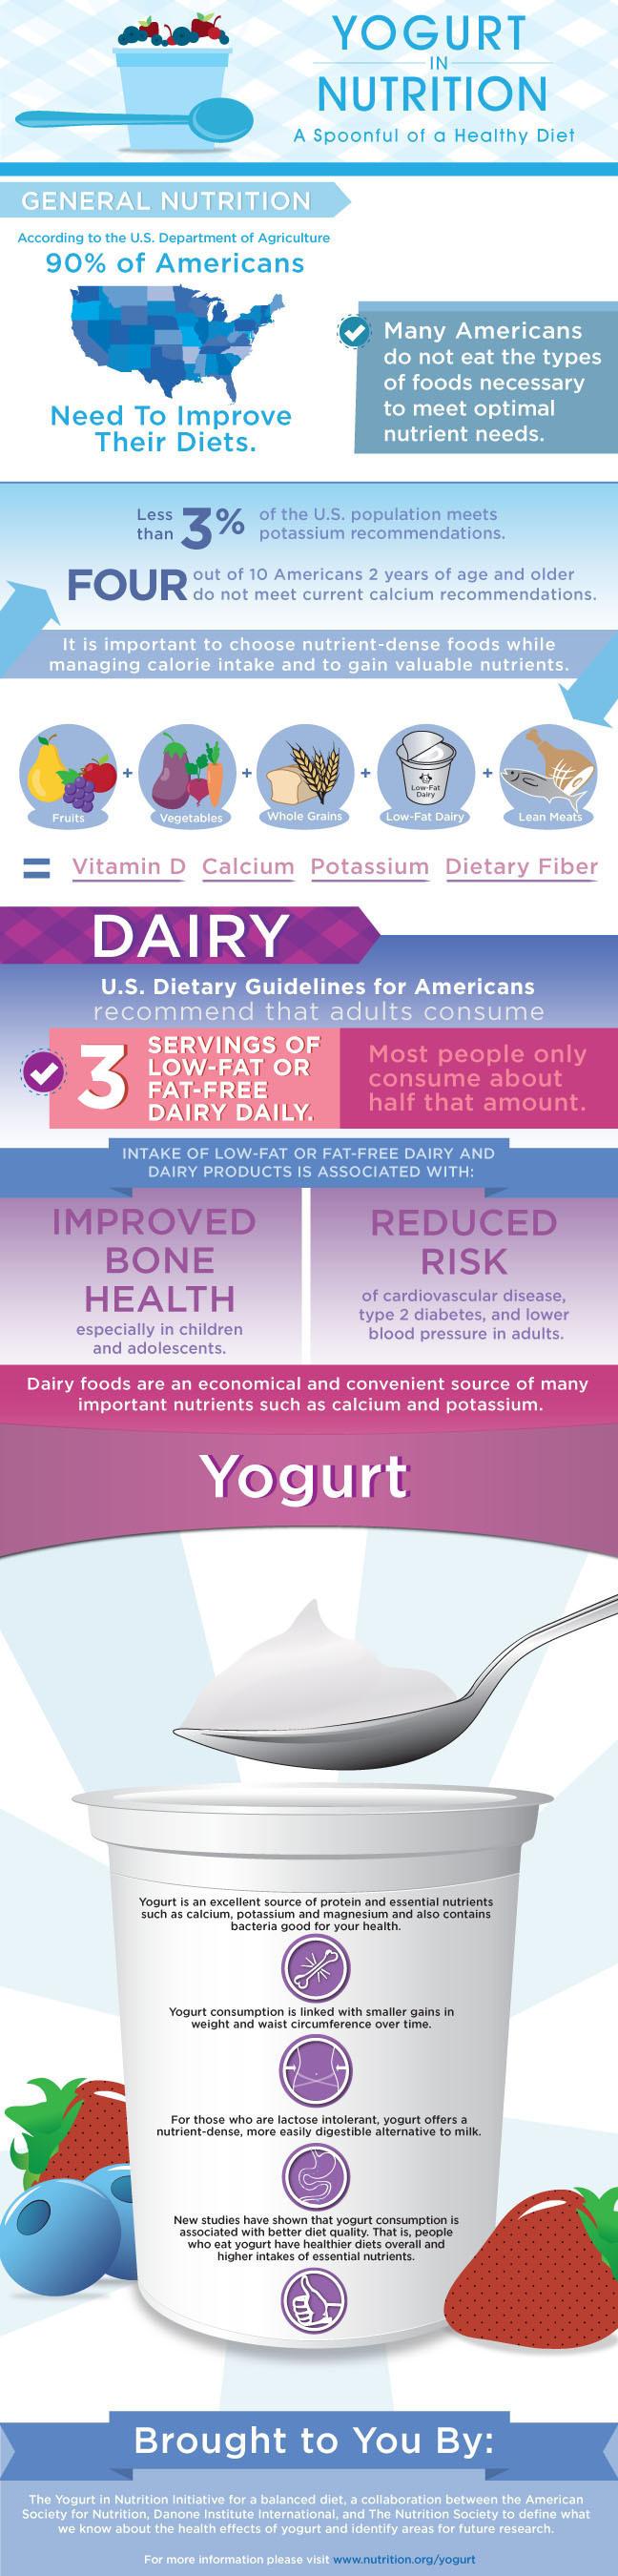 Yogurt in Nutrition: A Spoonful of a Healthy Diet. Visit nutrition.org/yogurt.  (PRNewsFoto/American Society ...